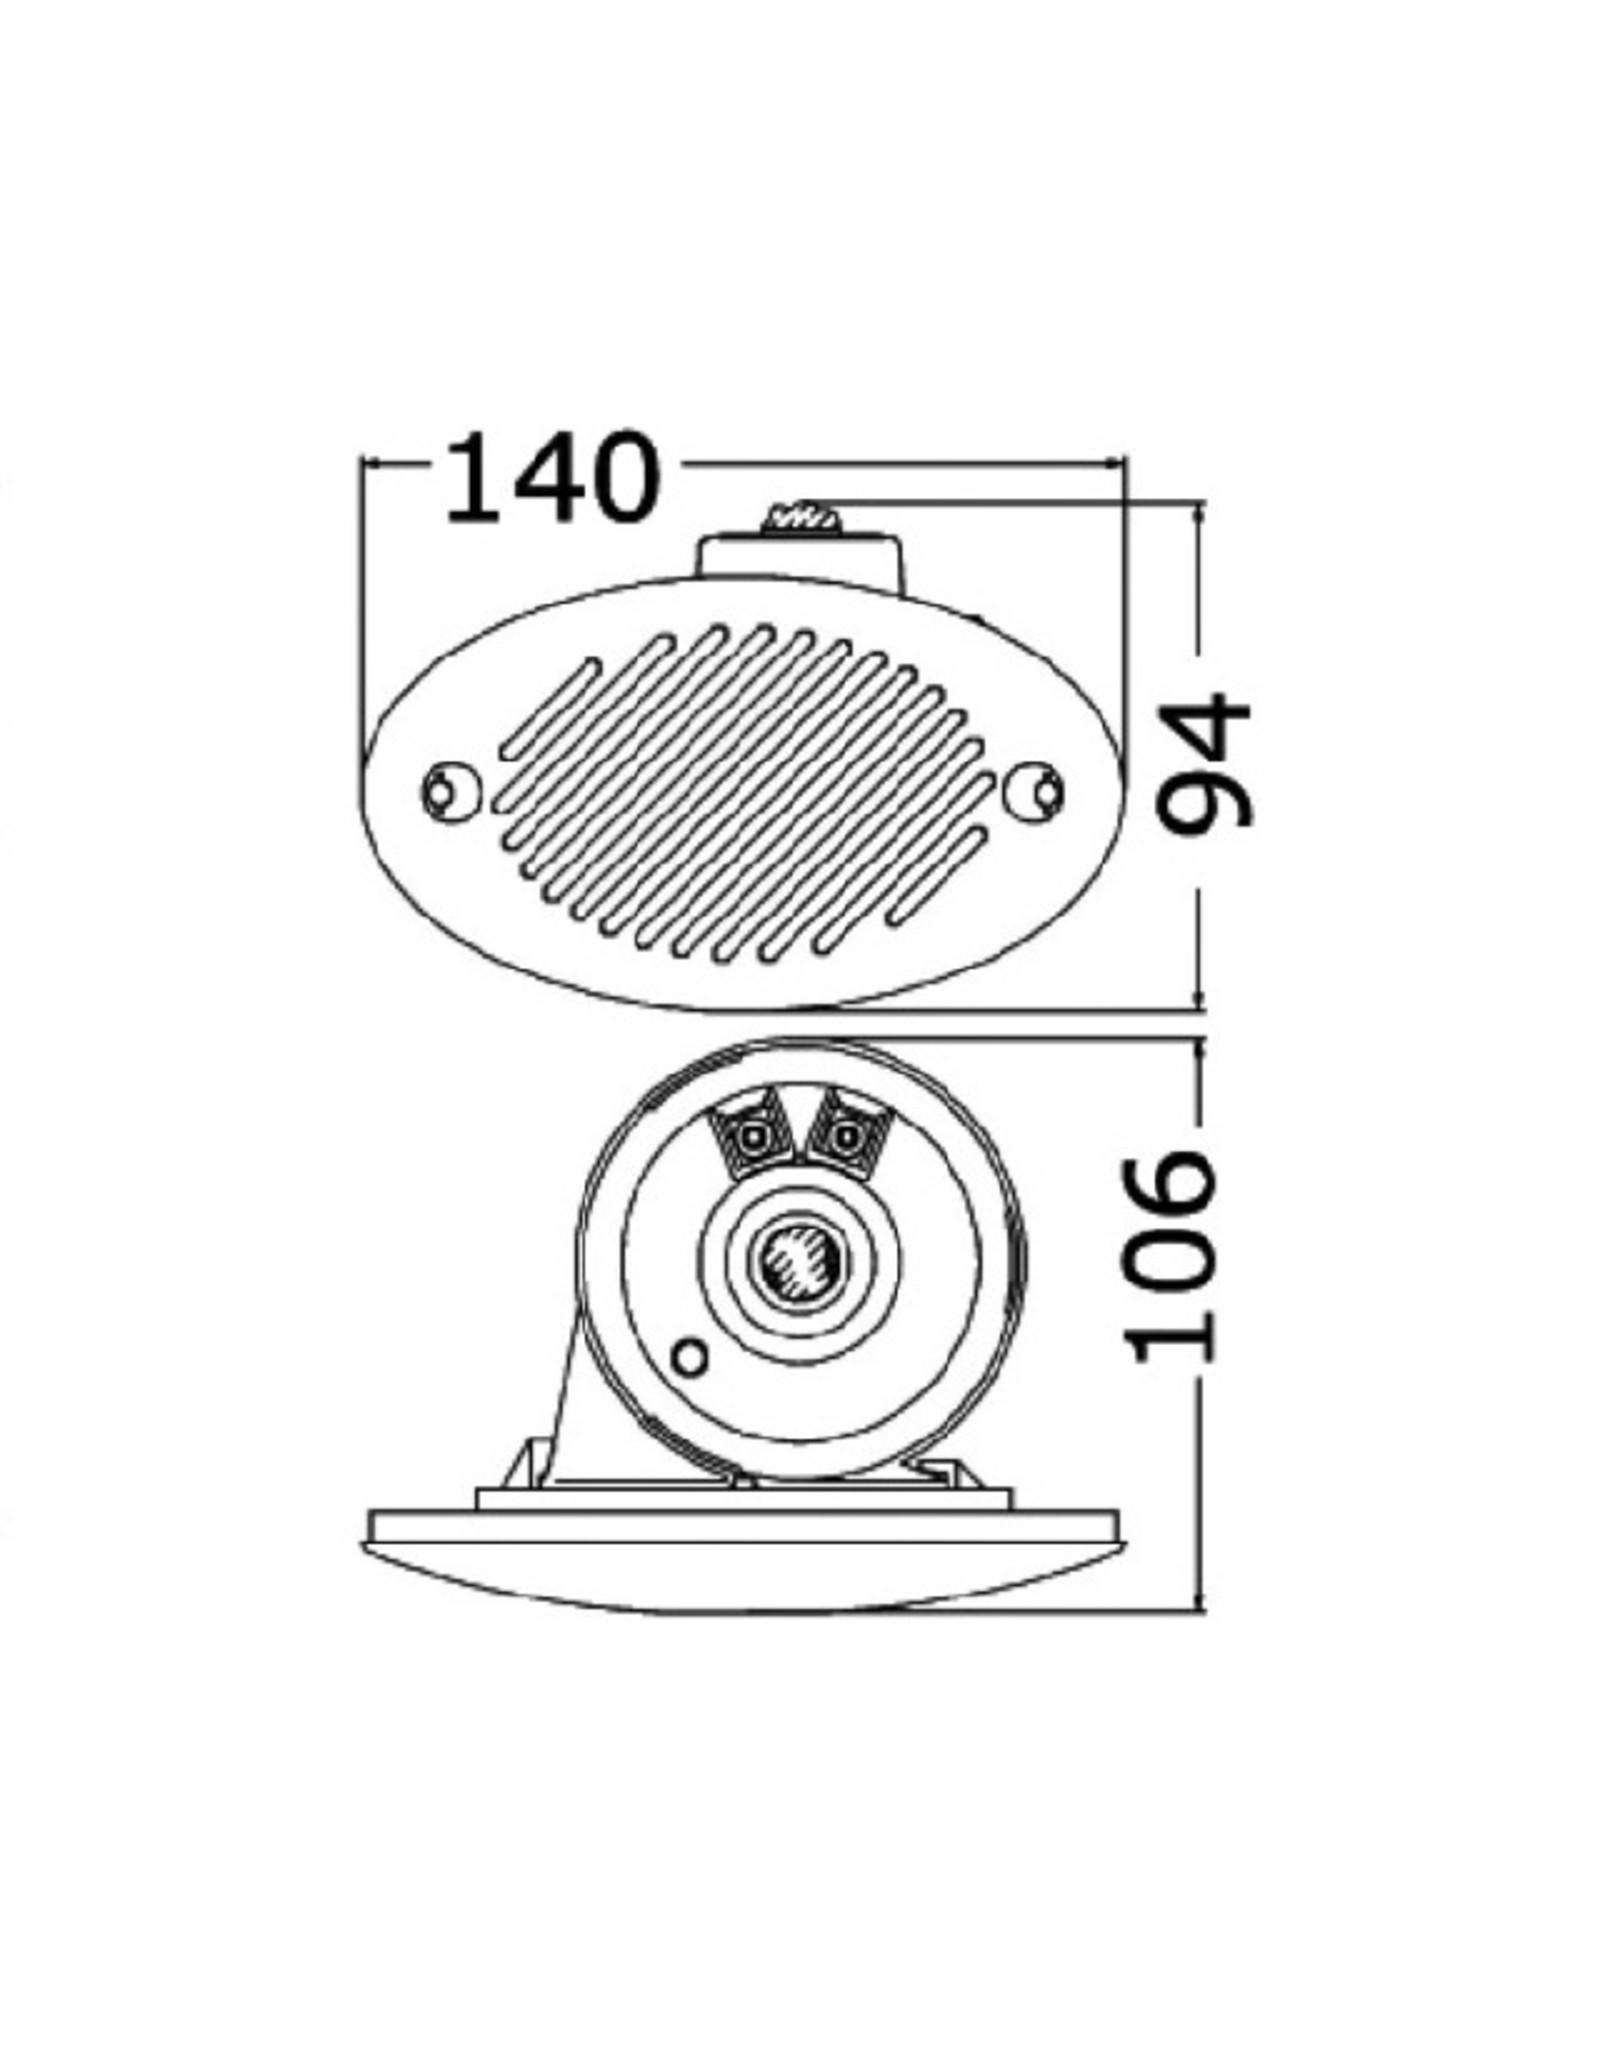 Osculati Fiamm inbouw horn 140 x 80mm.